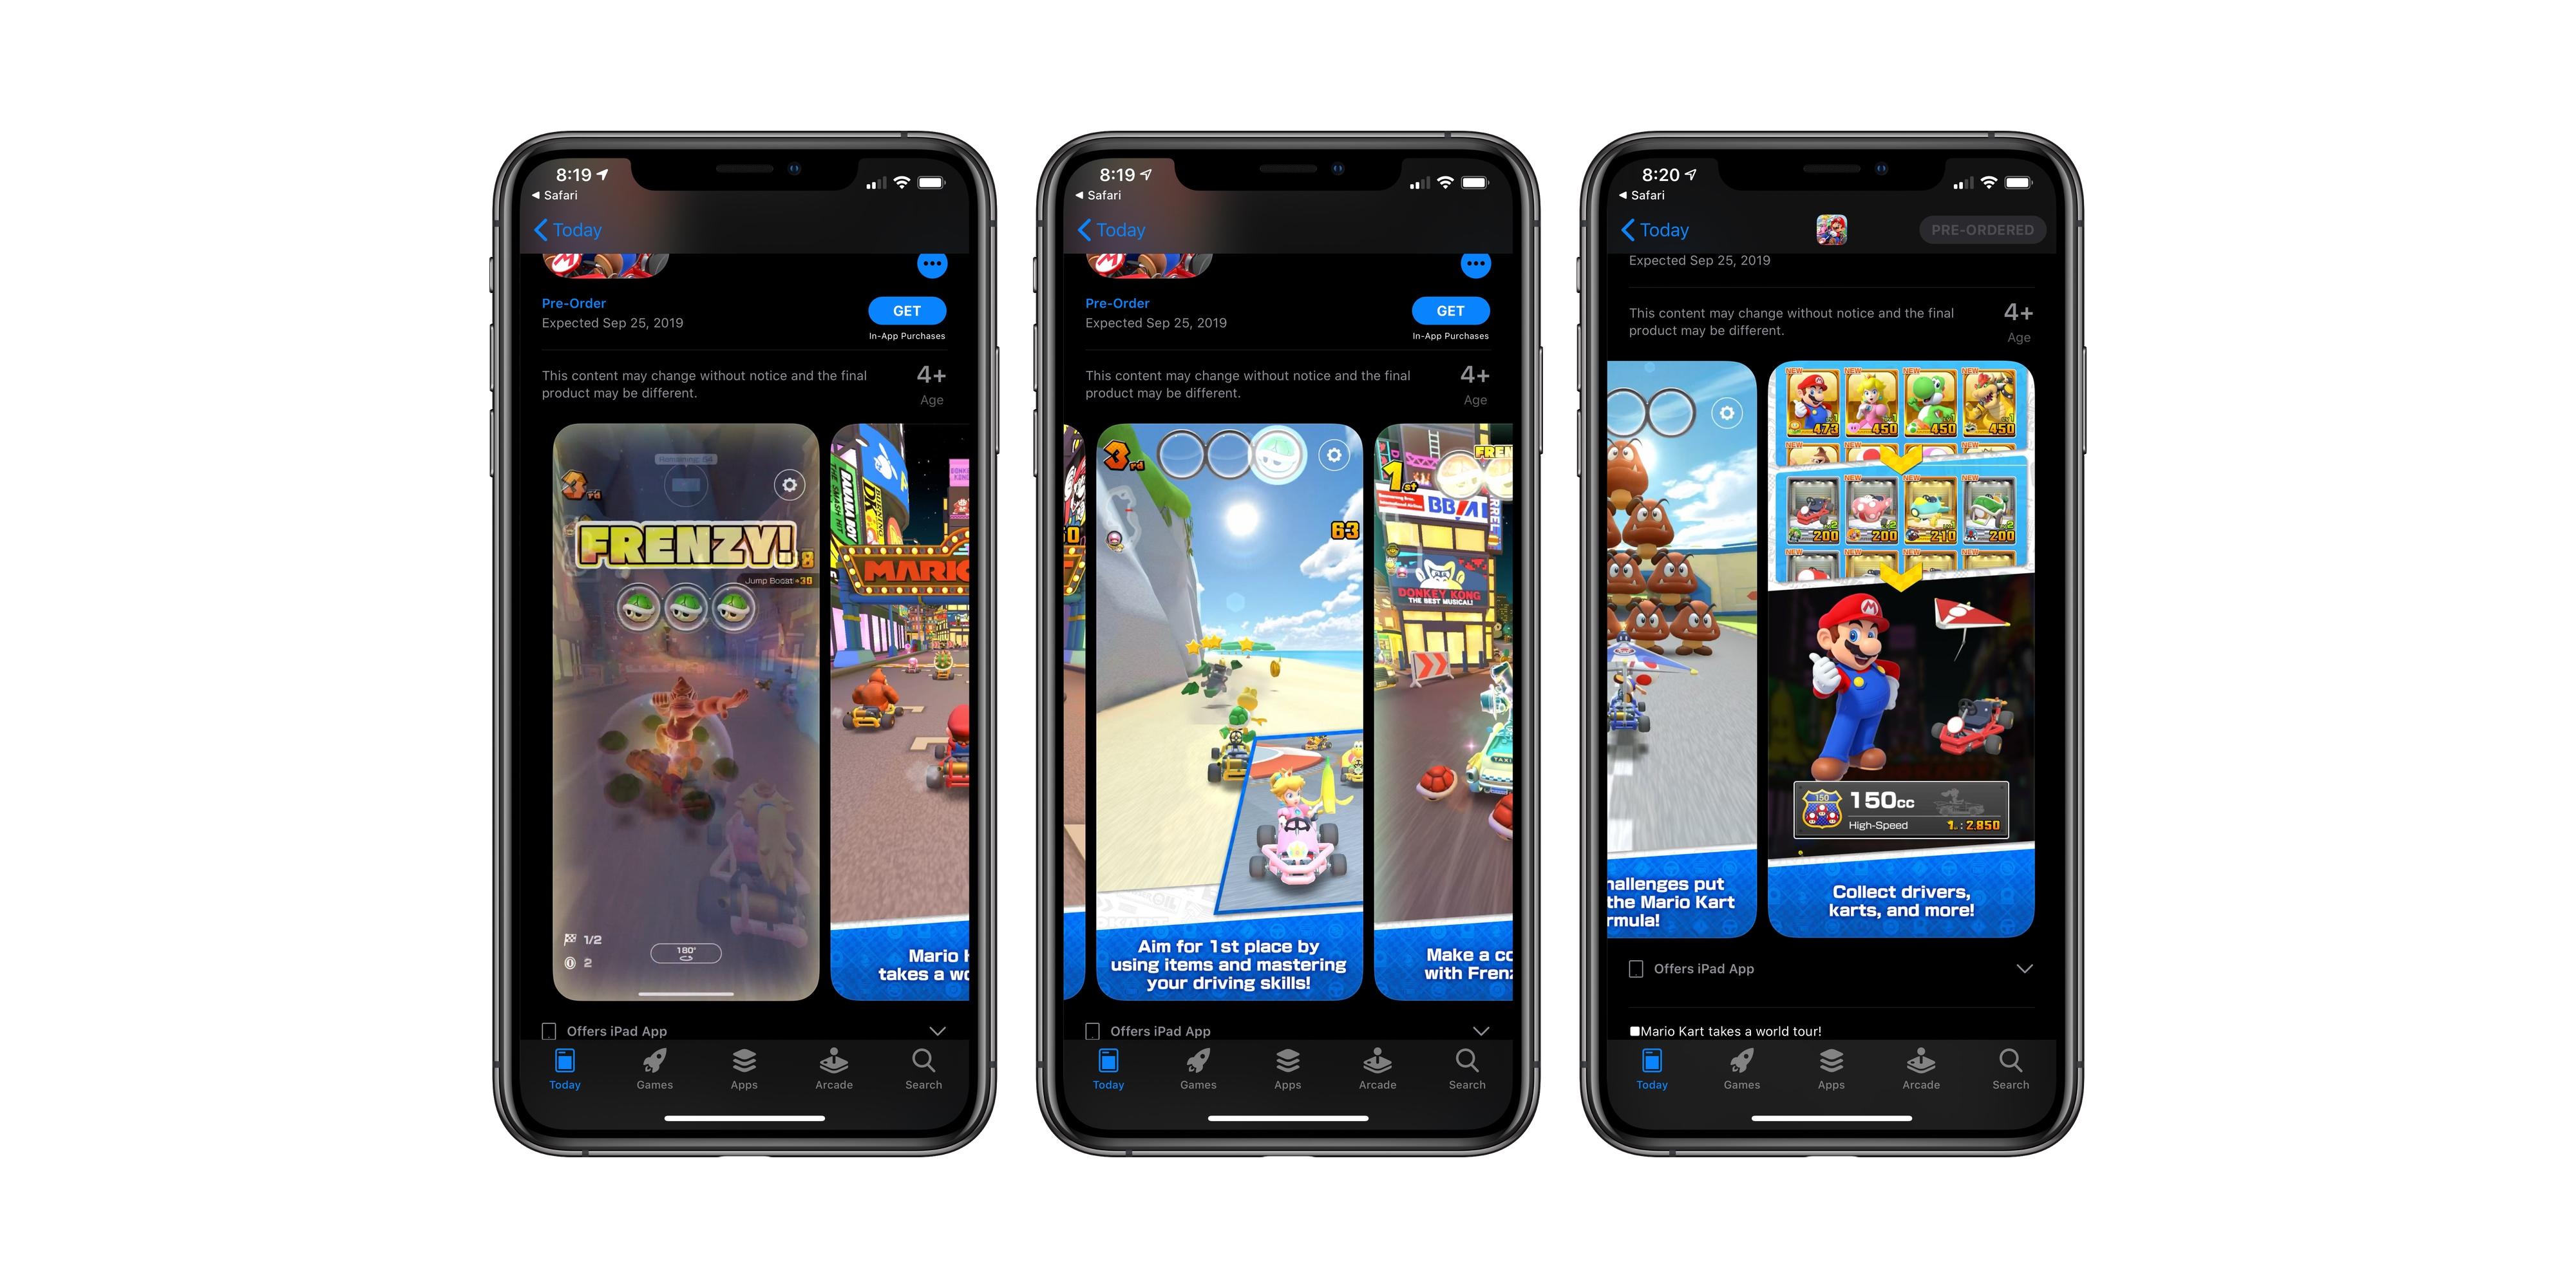 Ecco quando uscirà Mario Kart Tour su Android e iOS 1